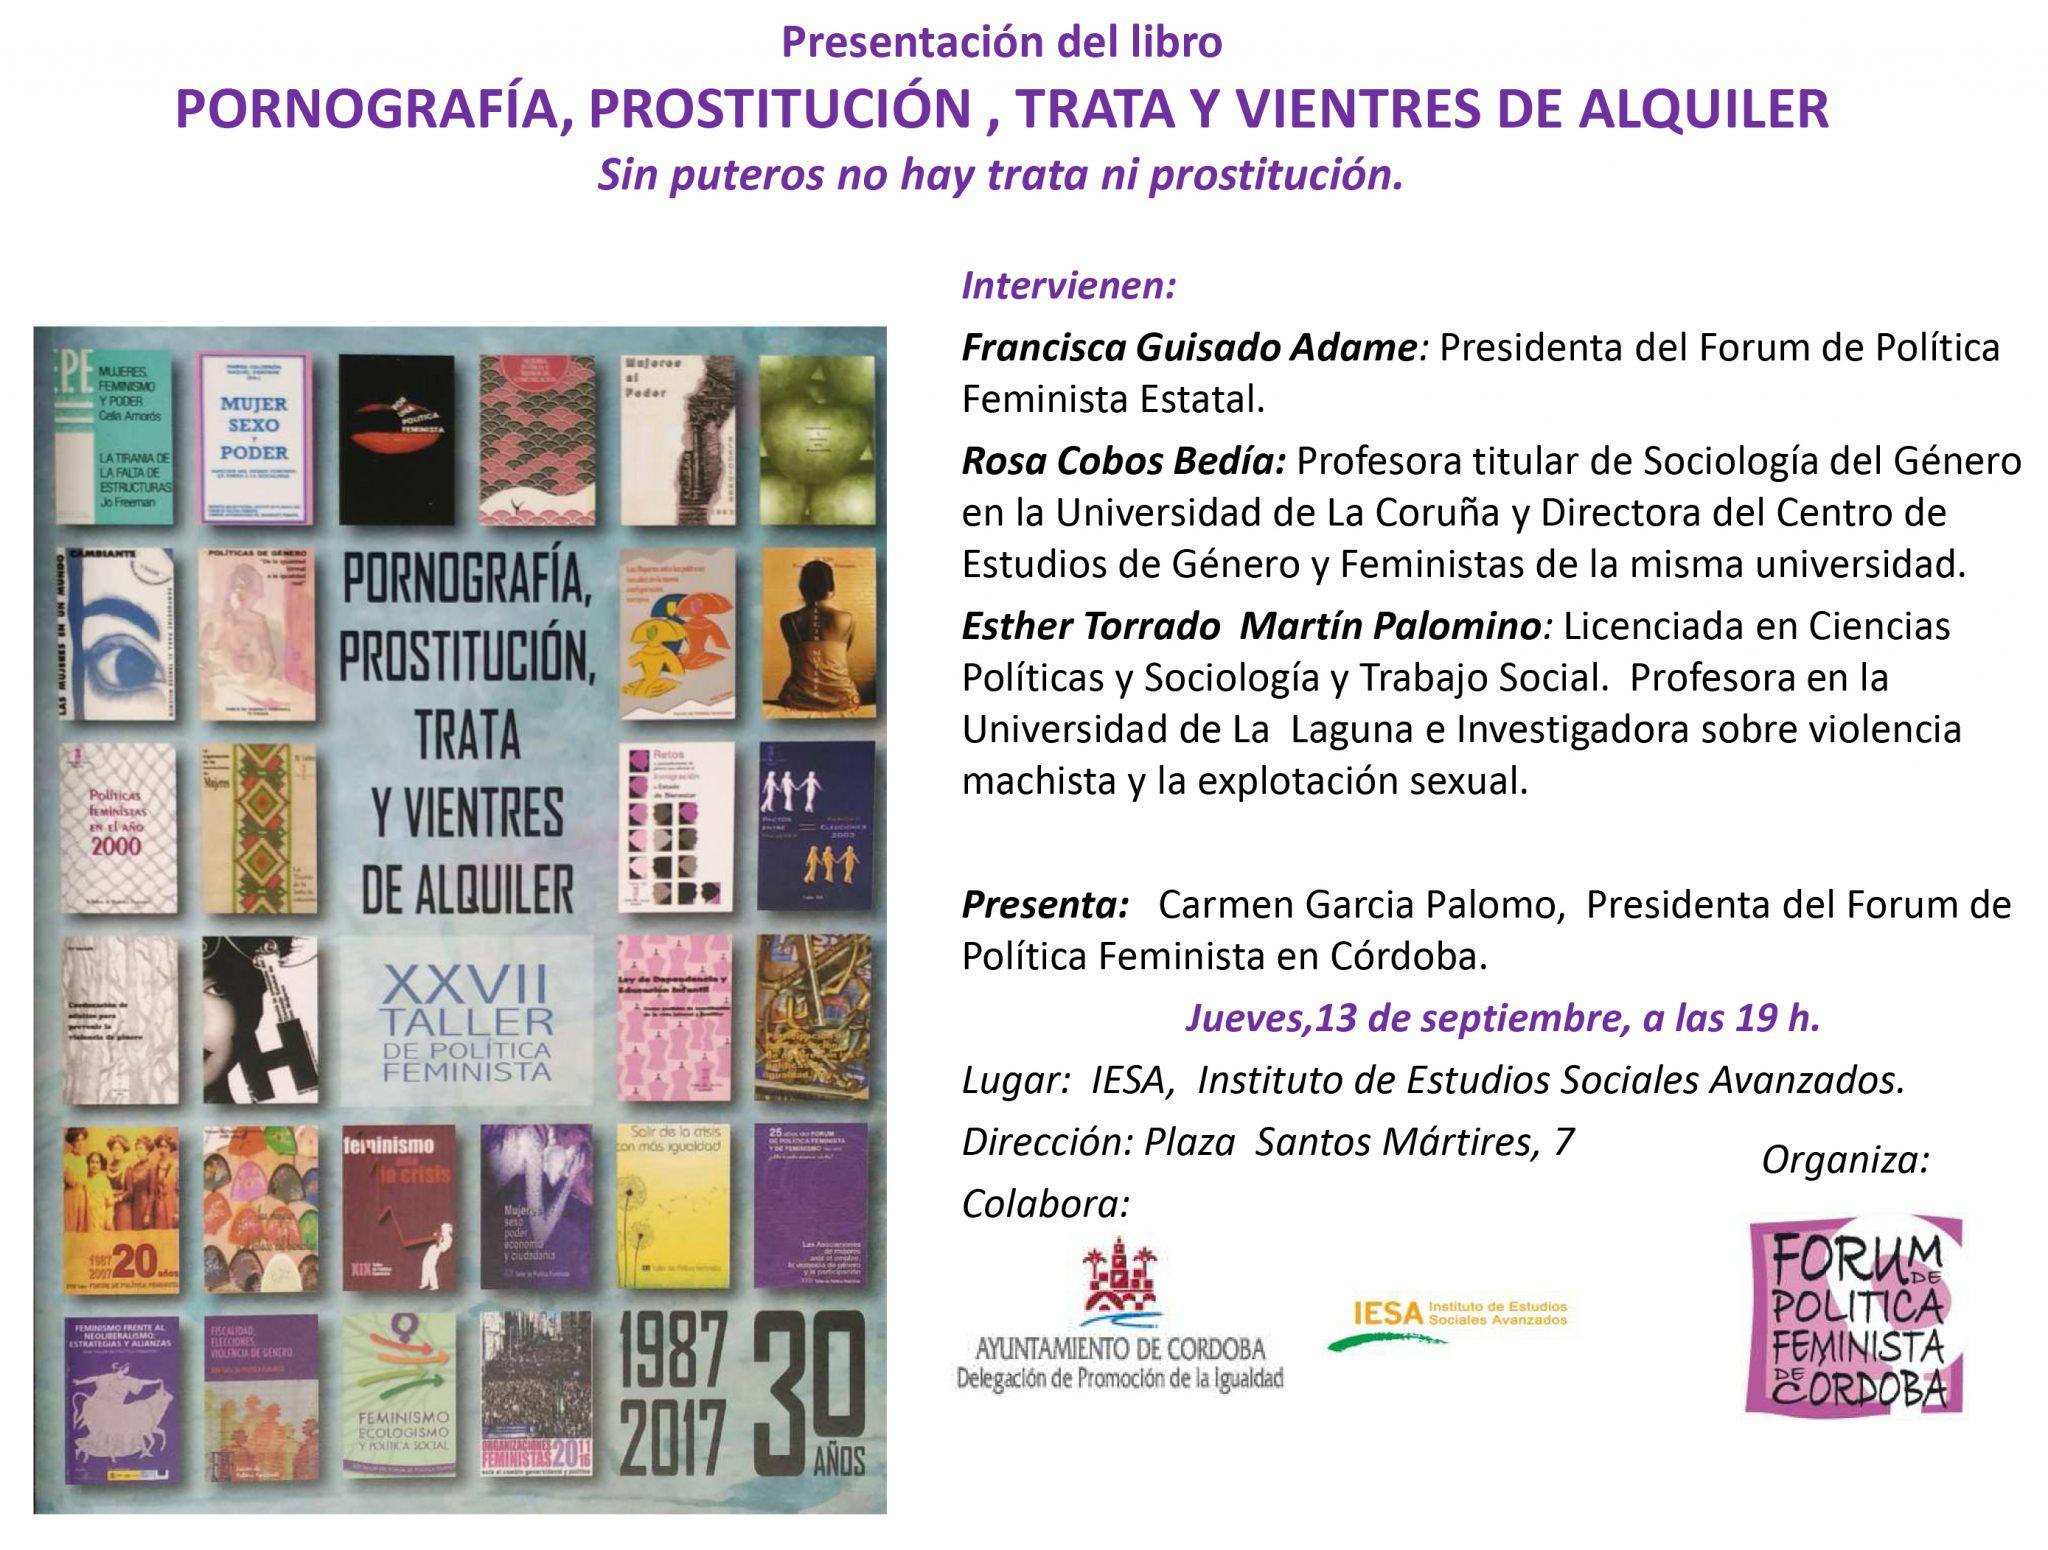 """Presentación del libro """"Pornografía, Prostitución, Trata y Vientres de Alquiler"""". Forum de política  Feminista"""